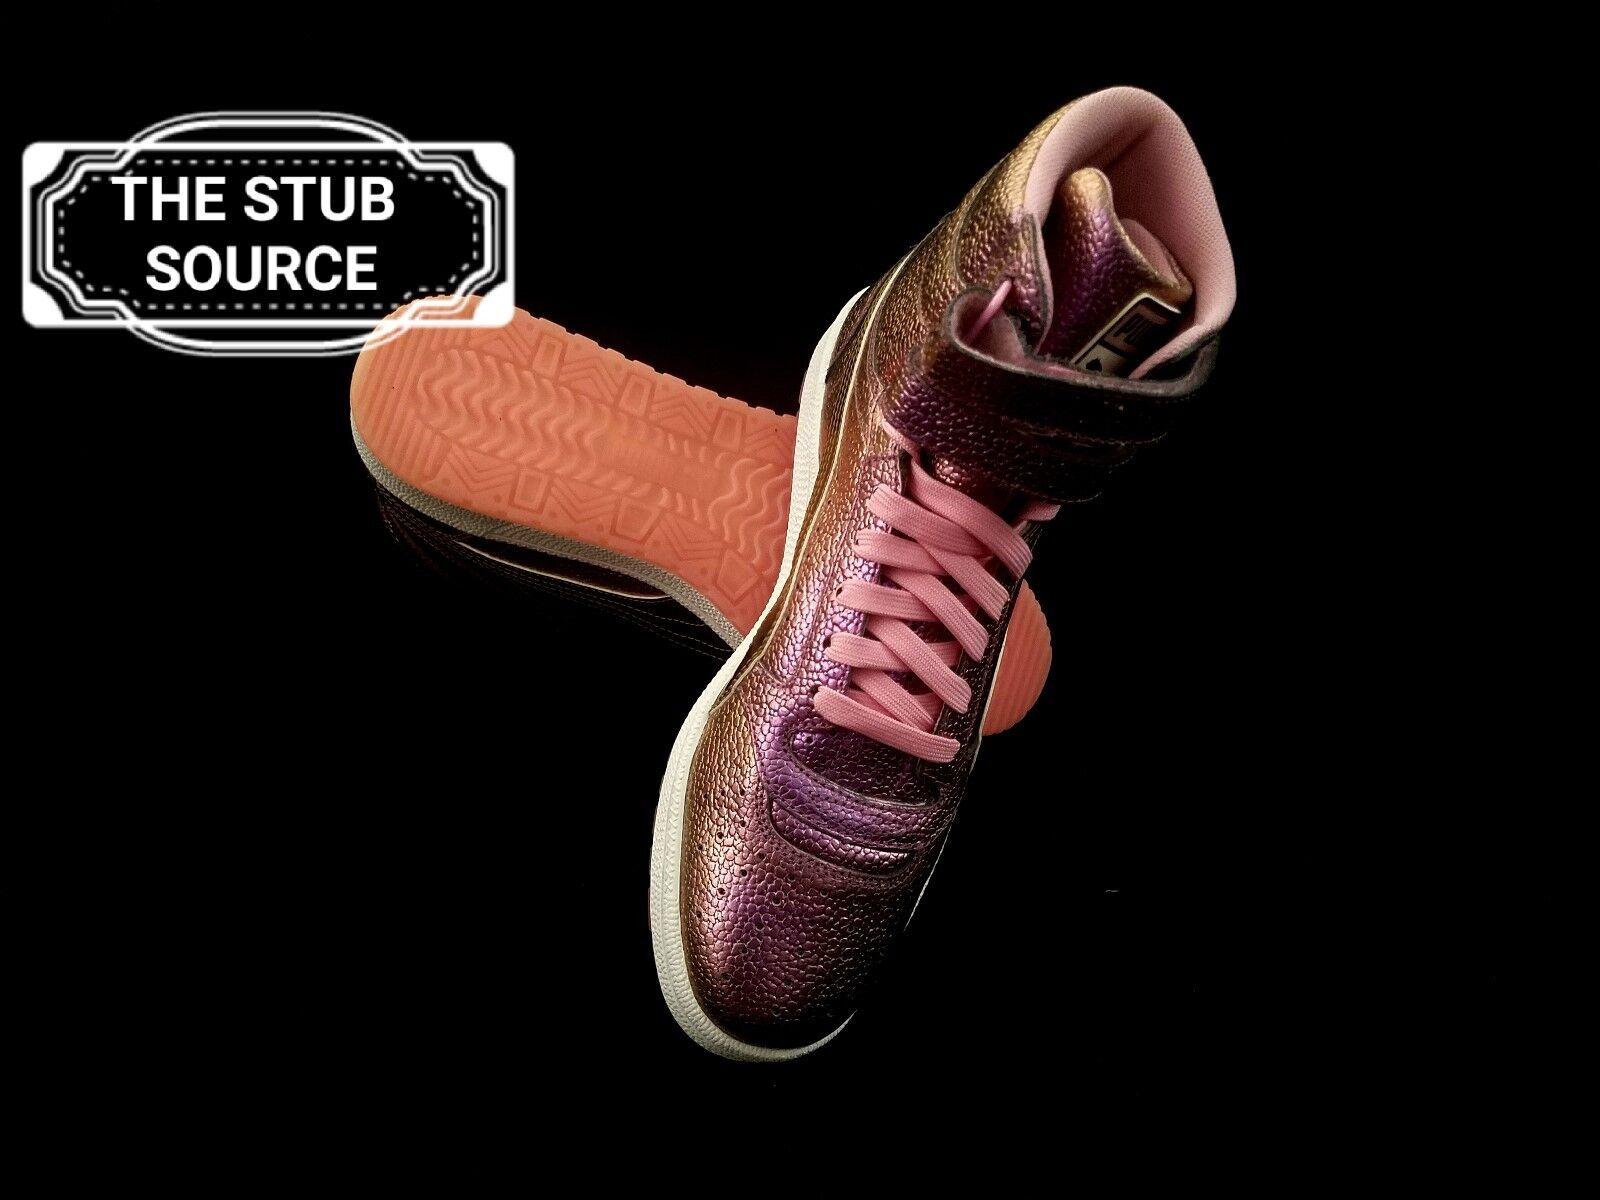 Puma sky ii - reset pivot metallici le 10 scarpe rosa donne taglia 10 le 364253 01 a9170a